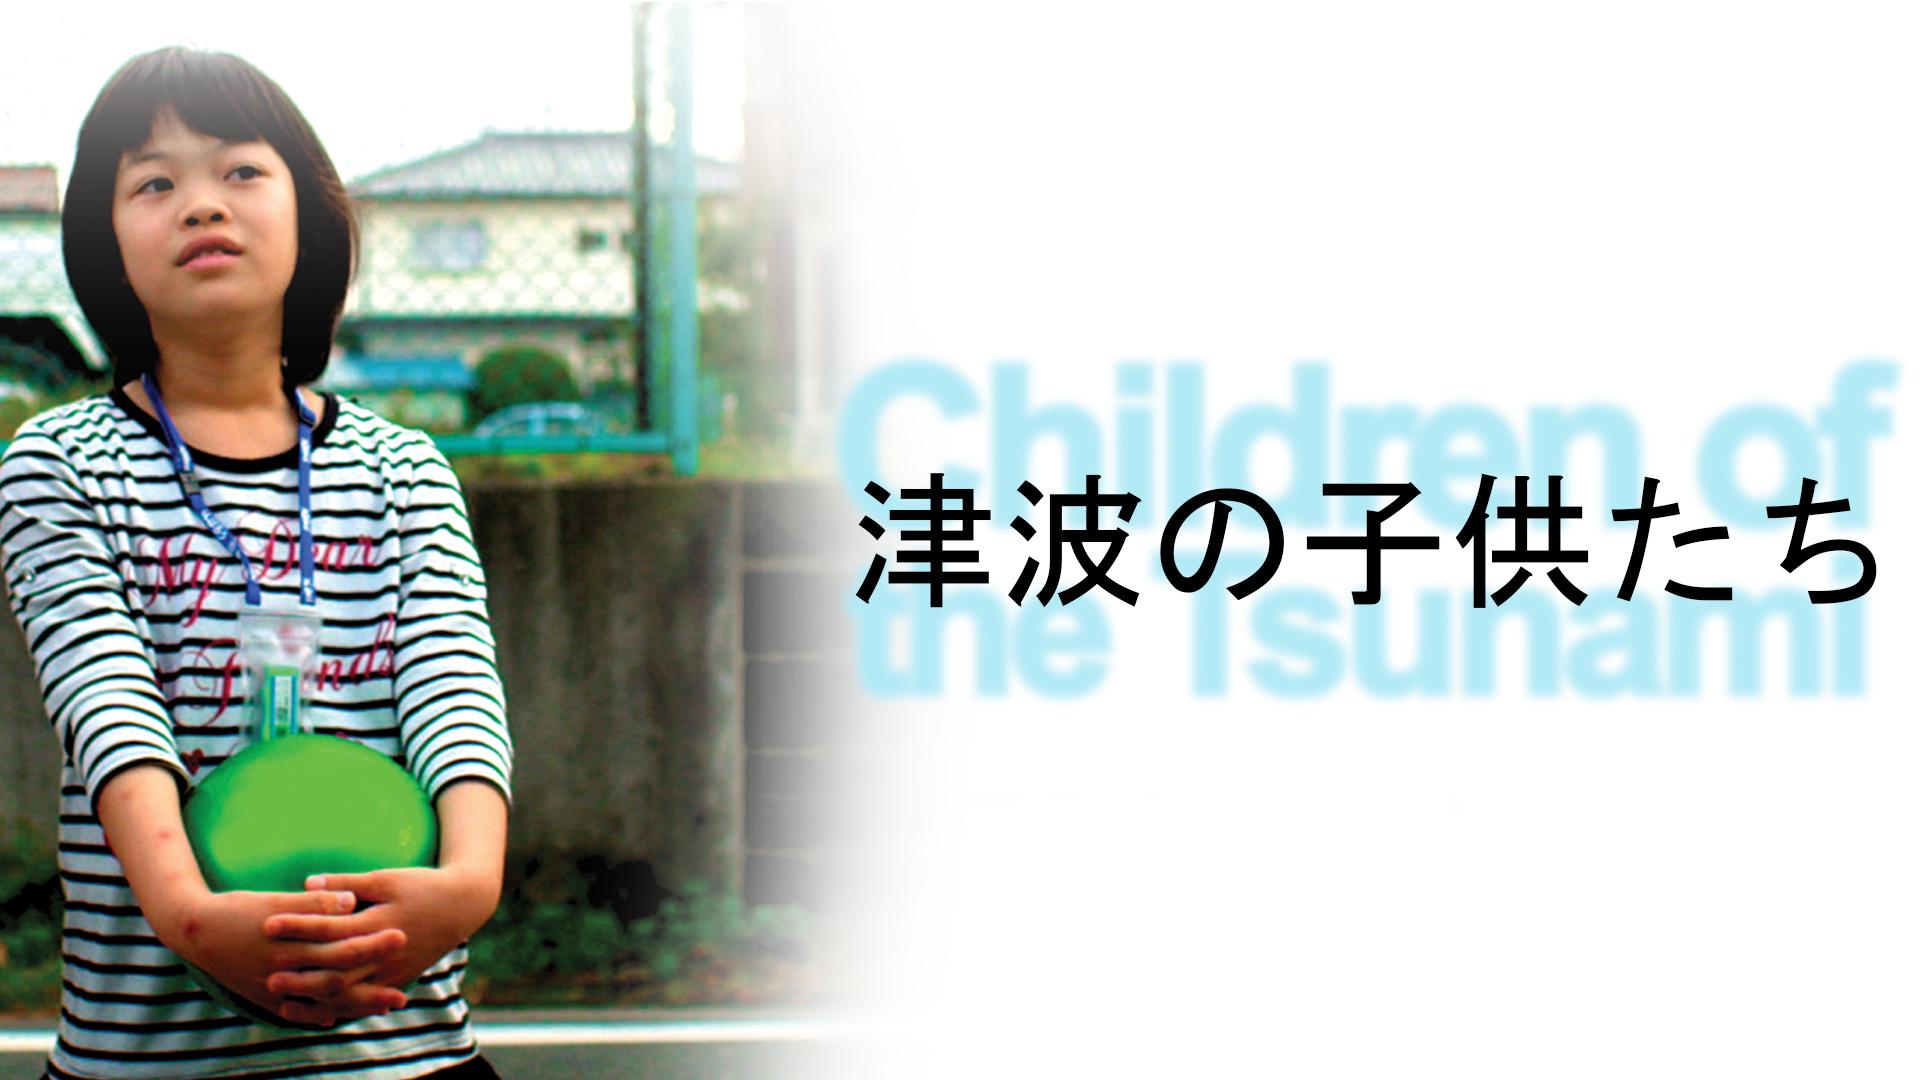 津波の子供たち (Children of the Tsunami)